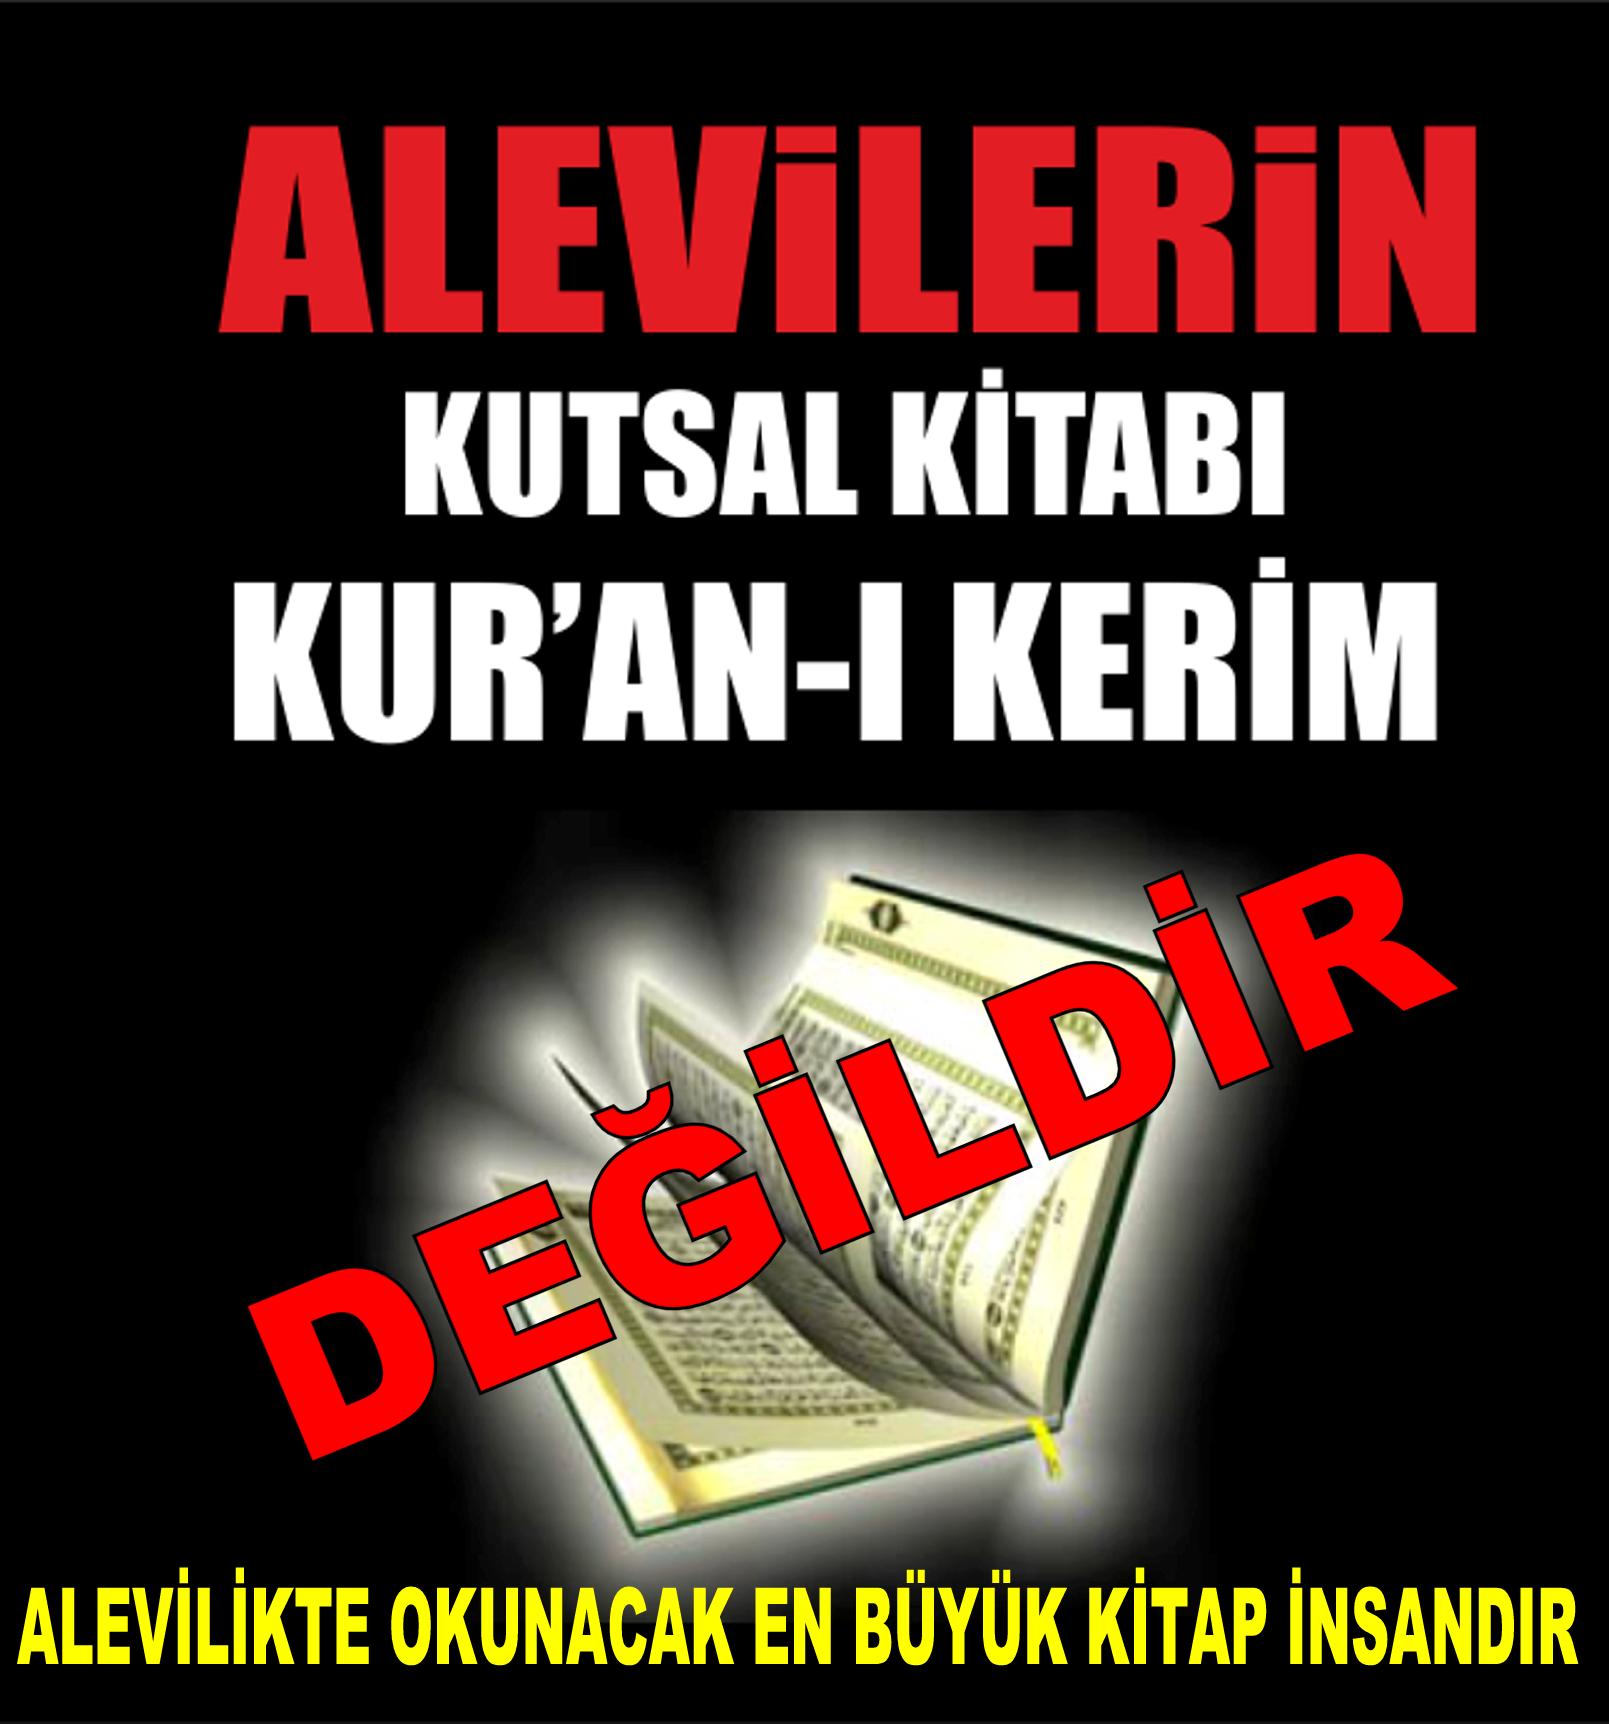 Devrimci Aleviler Birliği DAB Alevi Kızılbaş Bektaşi pir sultan cem hz Ali 12 imam semah Feramuz Şah Acar kuradegildir